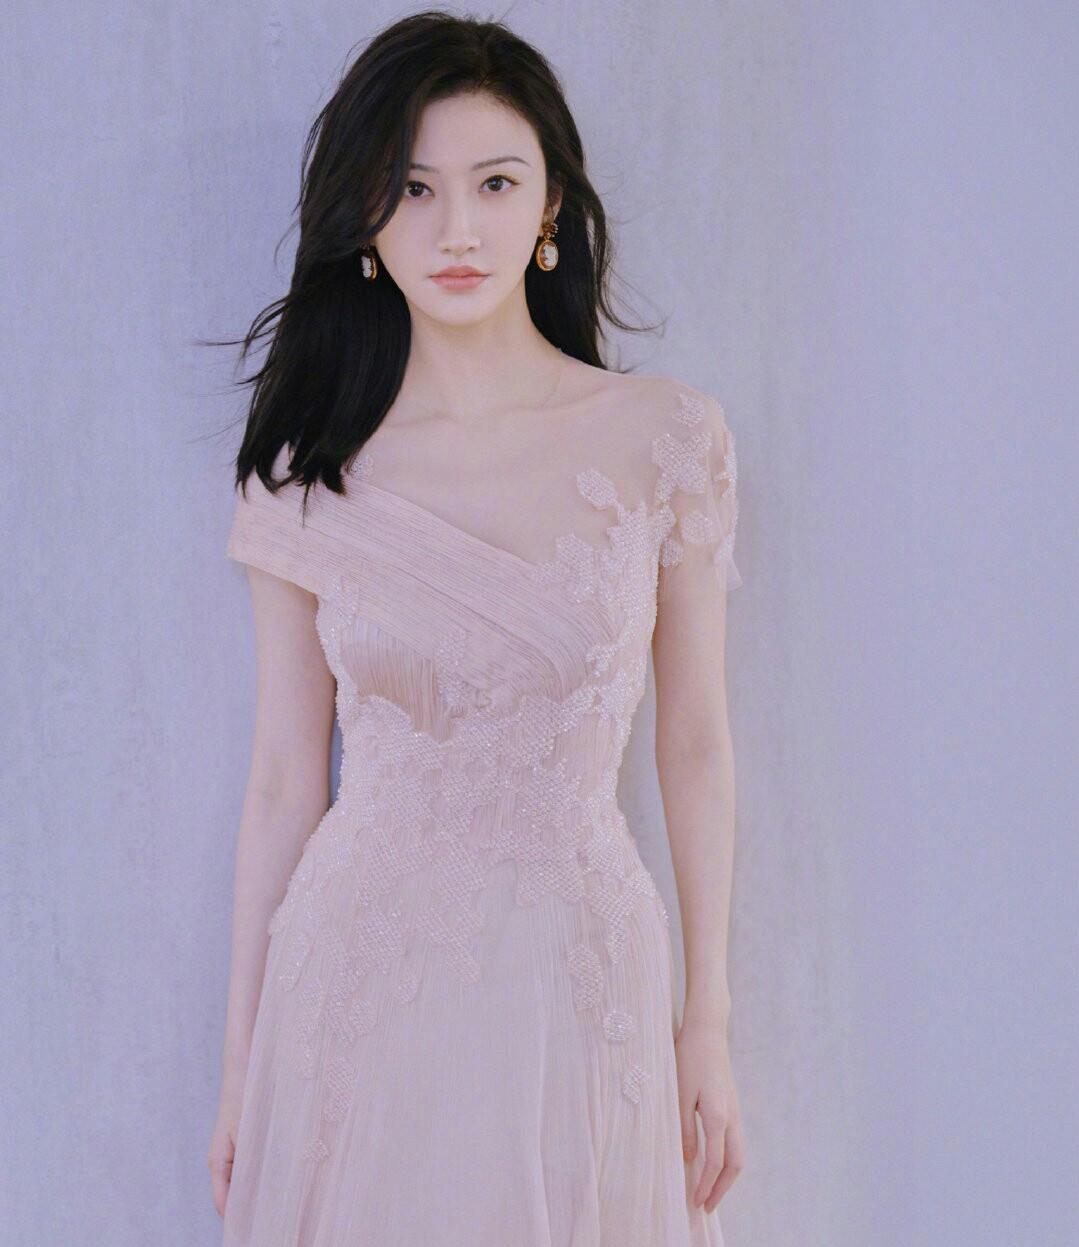 景甜一袭樱花粉长裙现身广州,甜丝:童话书忘锁,司藤公主出来了